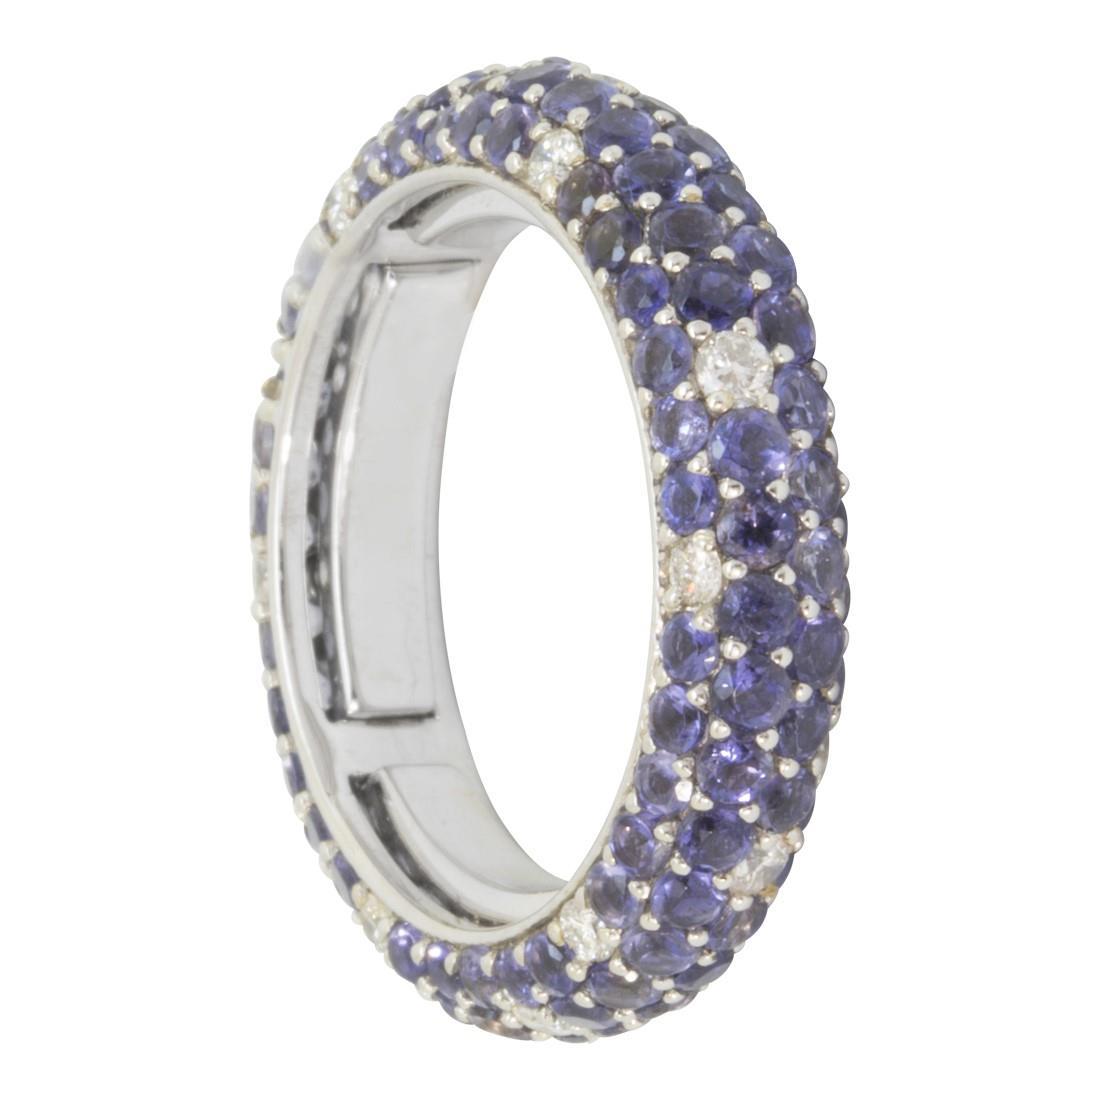 Anello in oro con diamanti ct 0.30 e pietre semipreziose ct 2.20 - ALFIERI & ST. JOHN